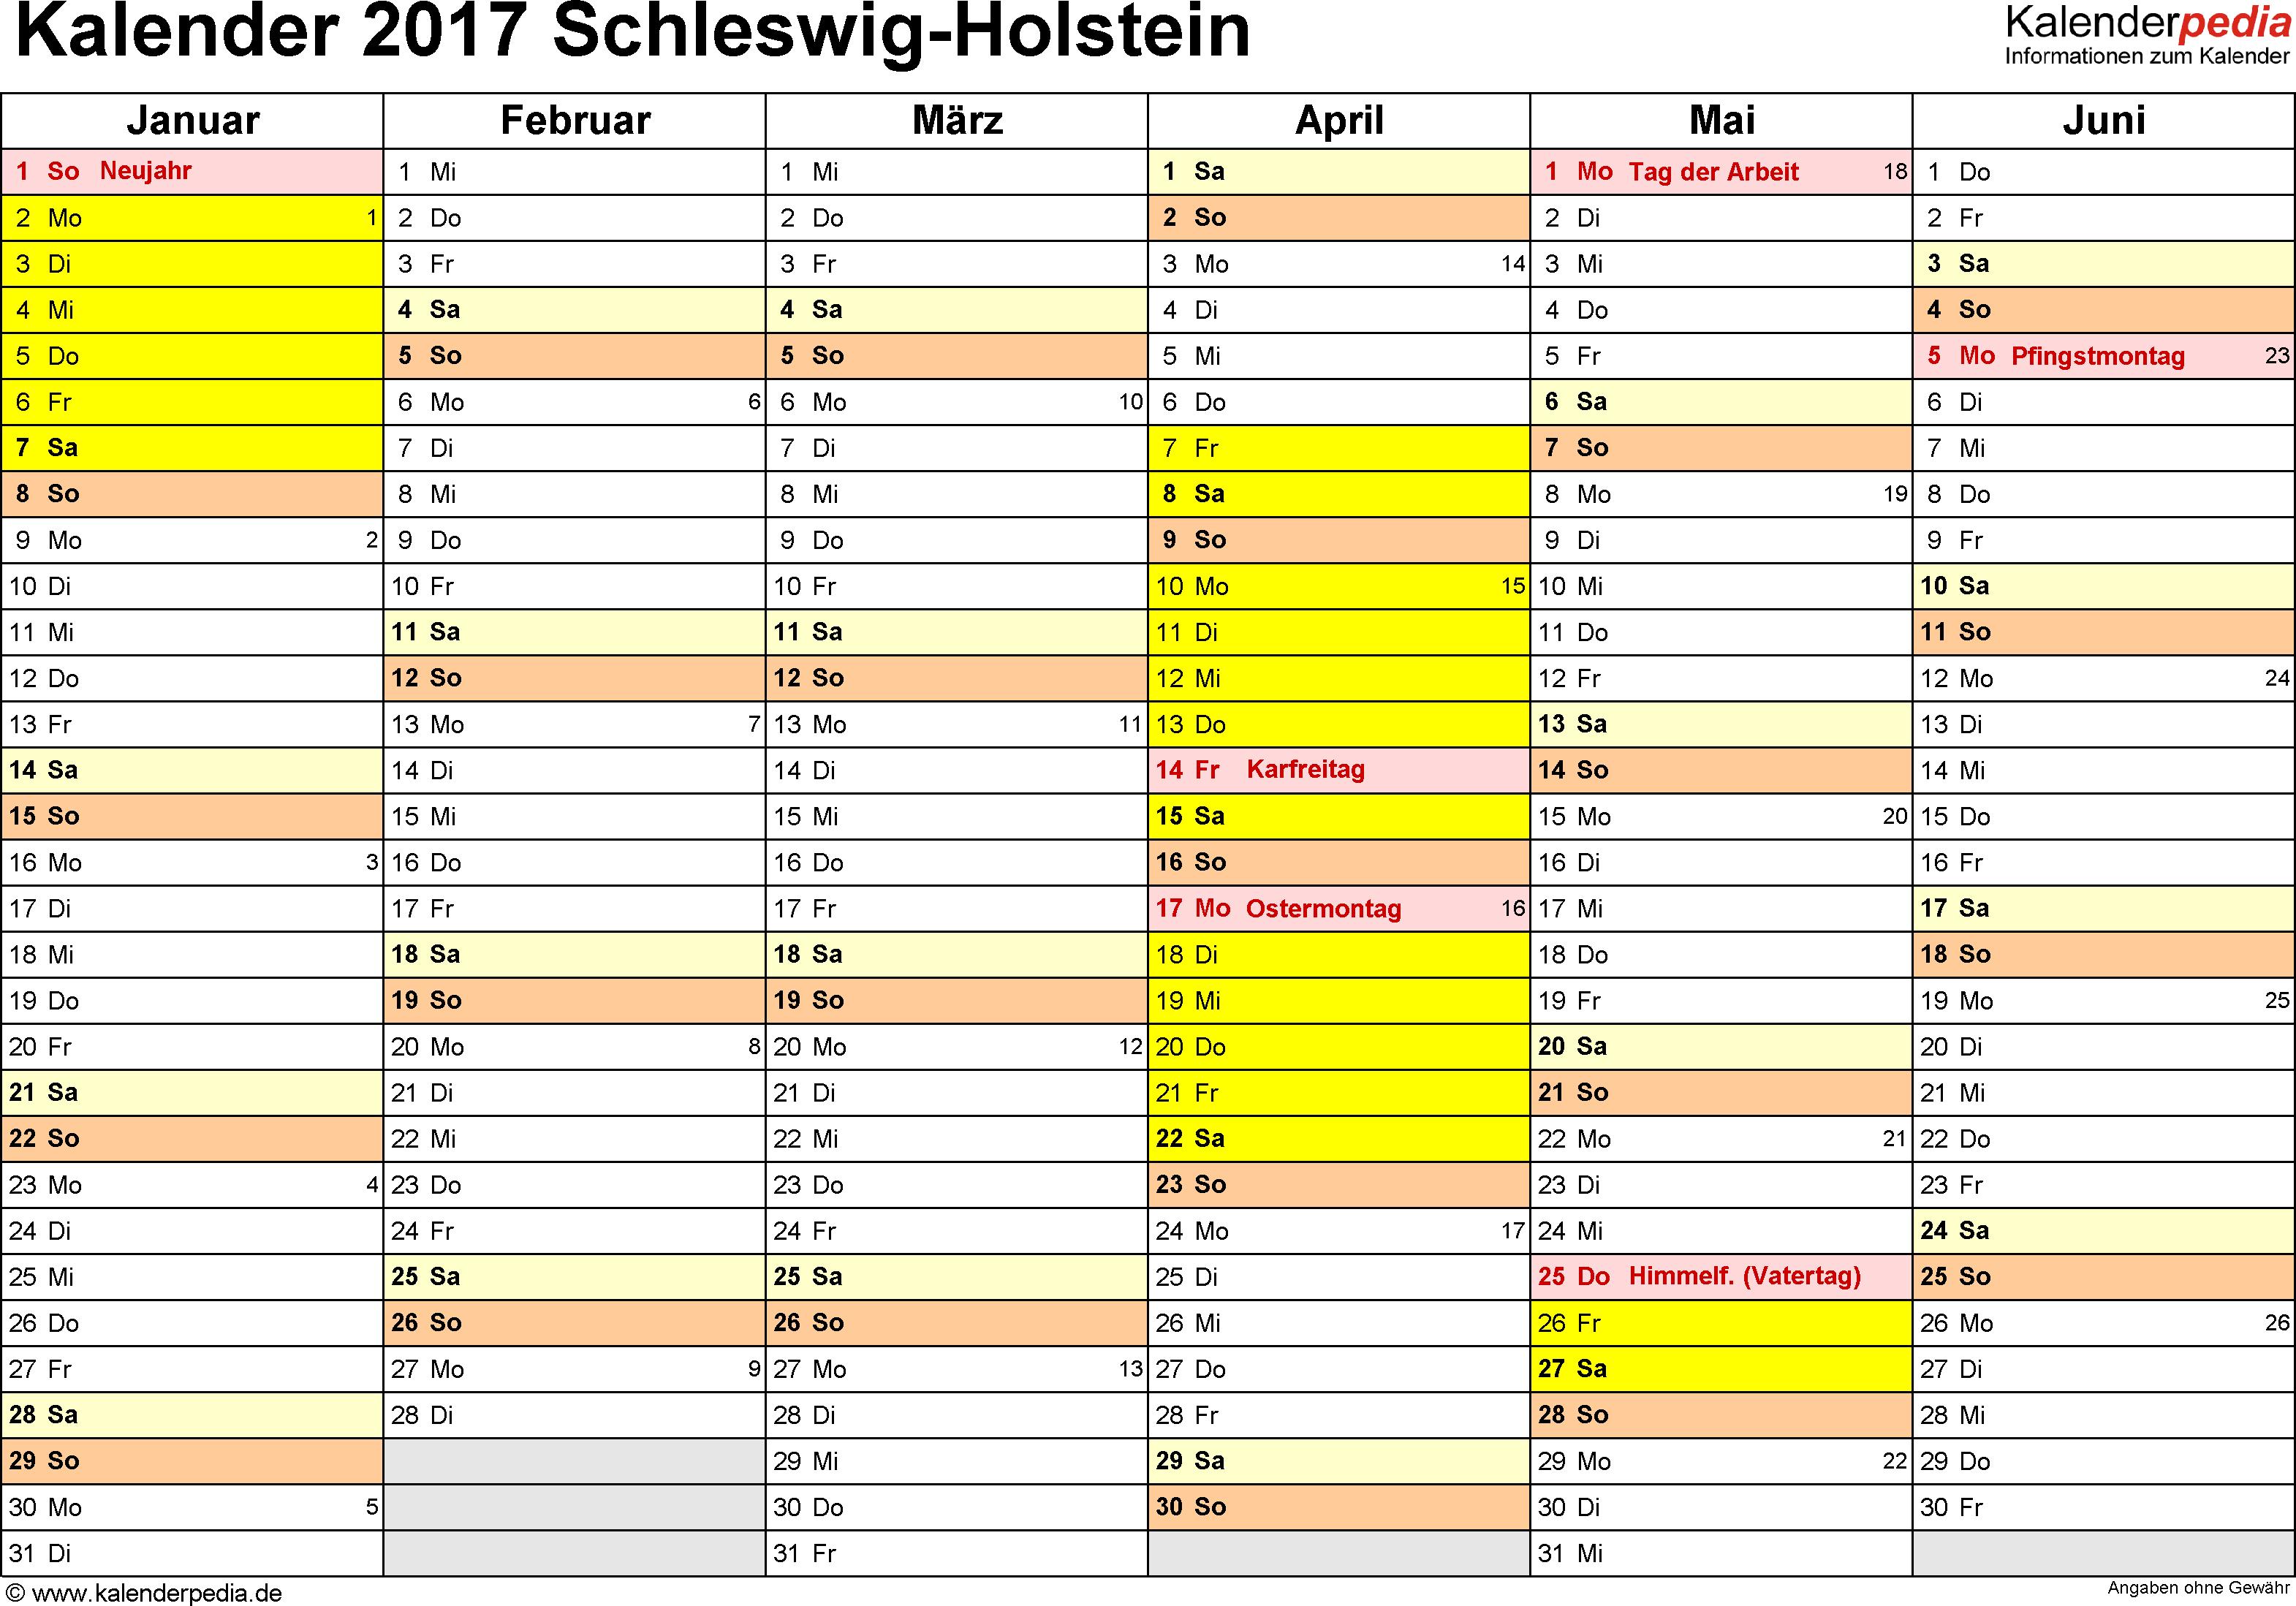 Vorlage 2: Kalender 2017 für Schleswig-Holstein als PDF-Vorlage (Querformat, 2 Seiten)